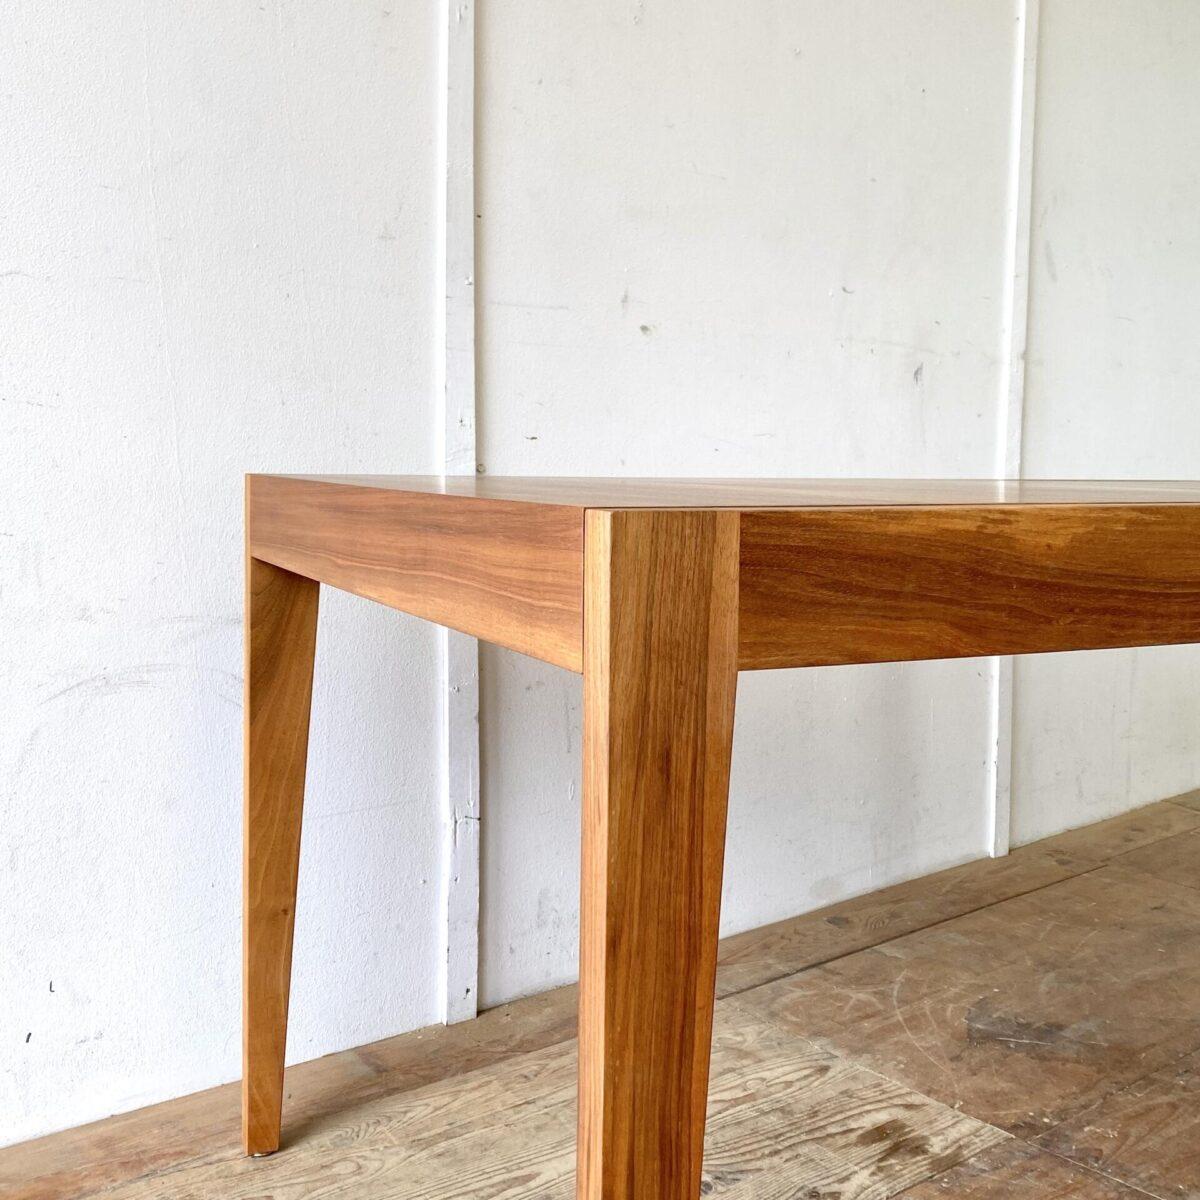 Schlichter Nussbaum Esstisch mit Verlängerung aus den 60er Jahren. 160.5 x 90cm Höhe 72.5cm. Ausgezogen 210cm. Das Tischblatt ist Nussbaum Furniert, Beine und Zargen sind aus Vollholz. Kein Hersteller ersichtlich, würde ich einem Schweizer Fabrikat zuordnen. Die Holzoberflächen sind mit Naturöl behandelt.